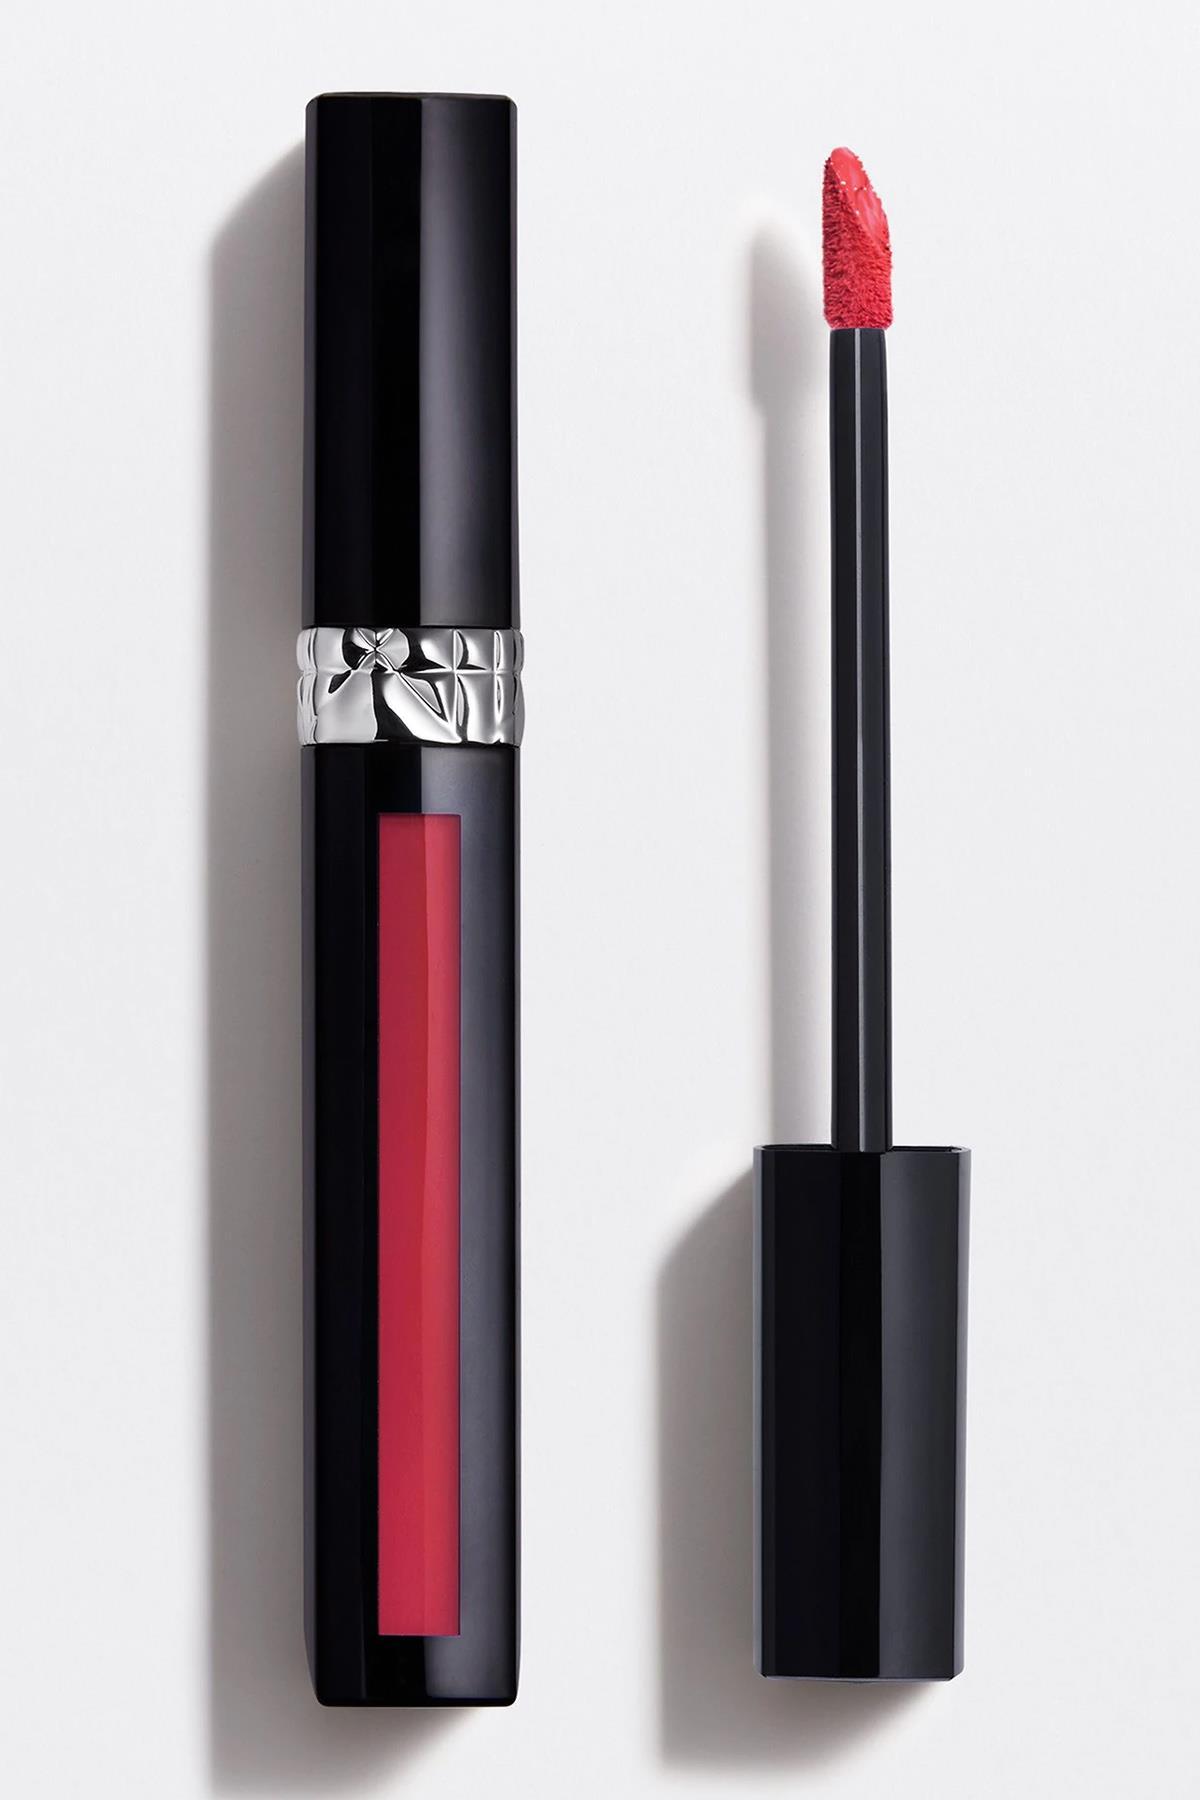 Dior Rouge Liquid 565 Versatile Satin Ruj